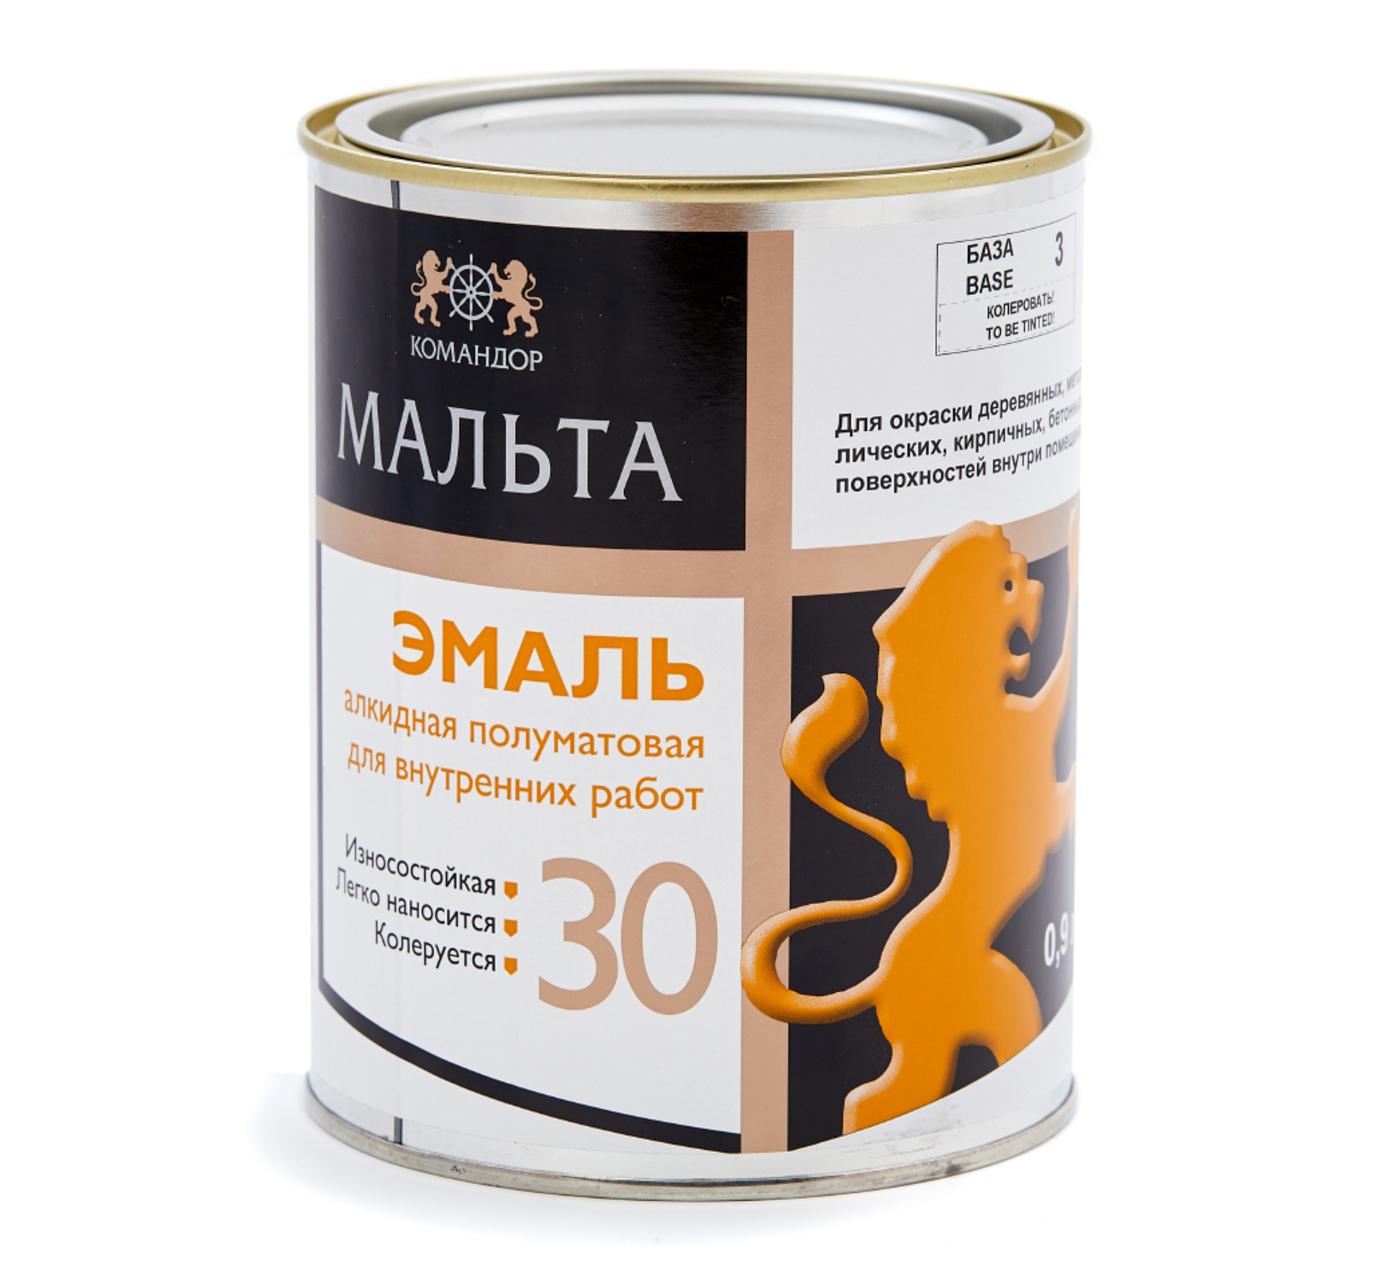 МАЛЬТА 30 эмаль алкидная полуматовая